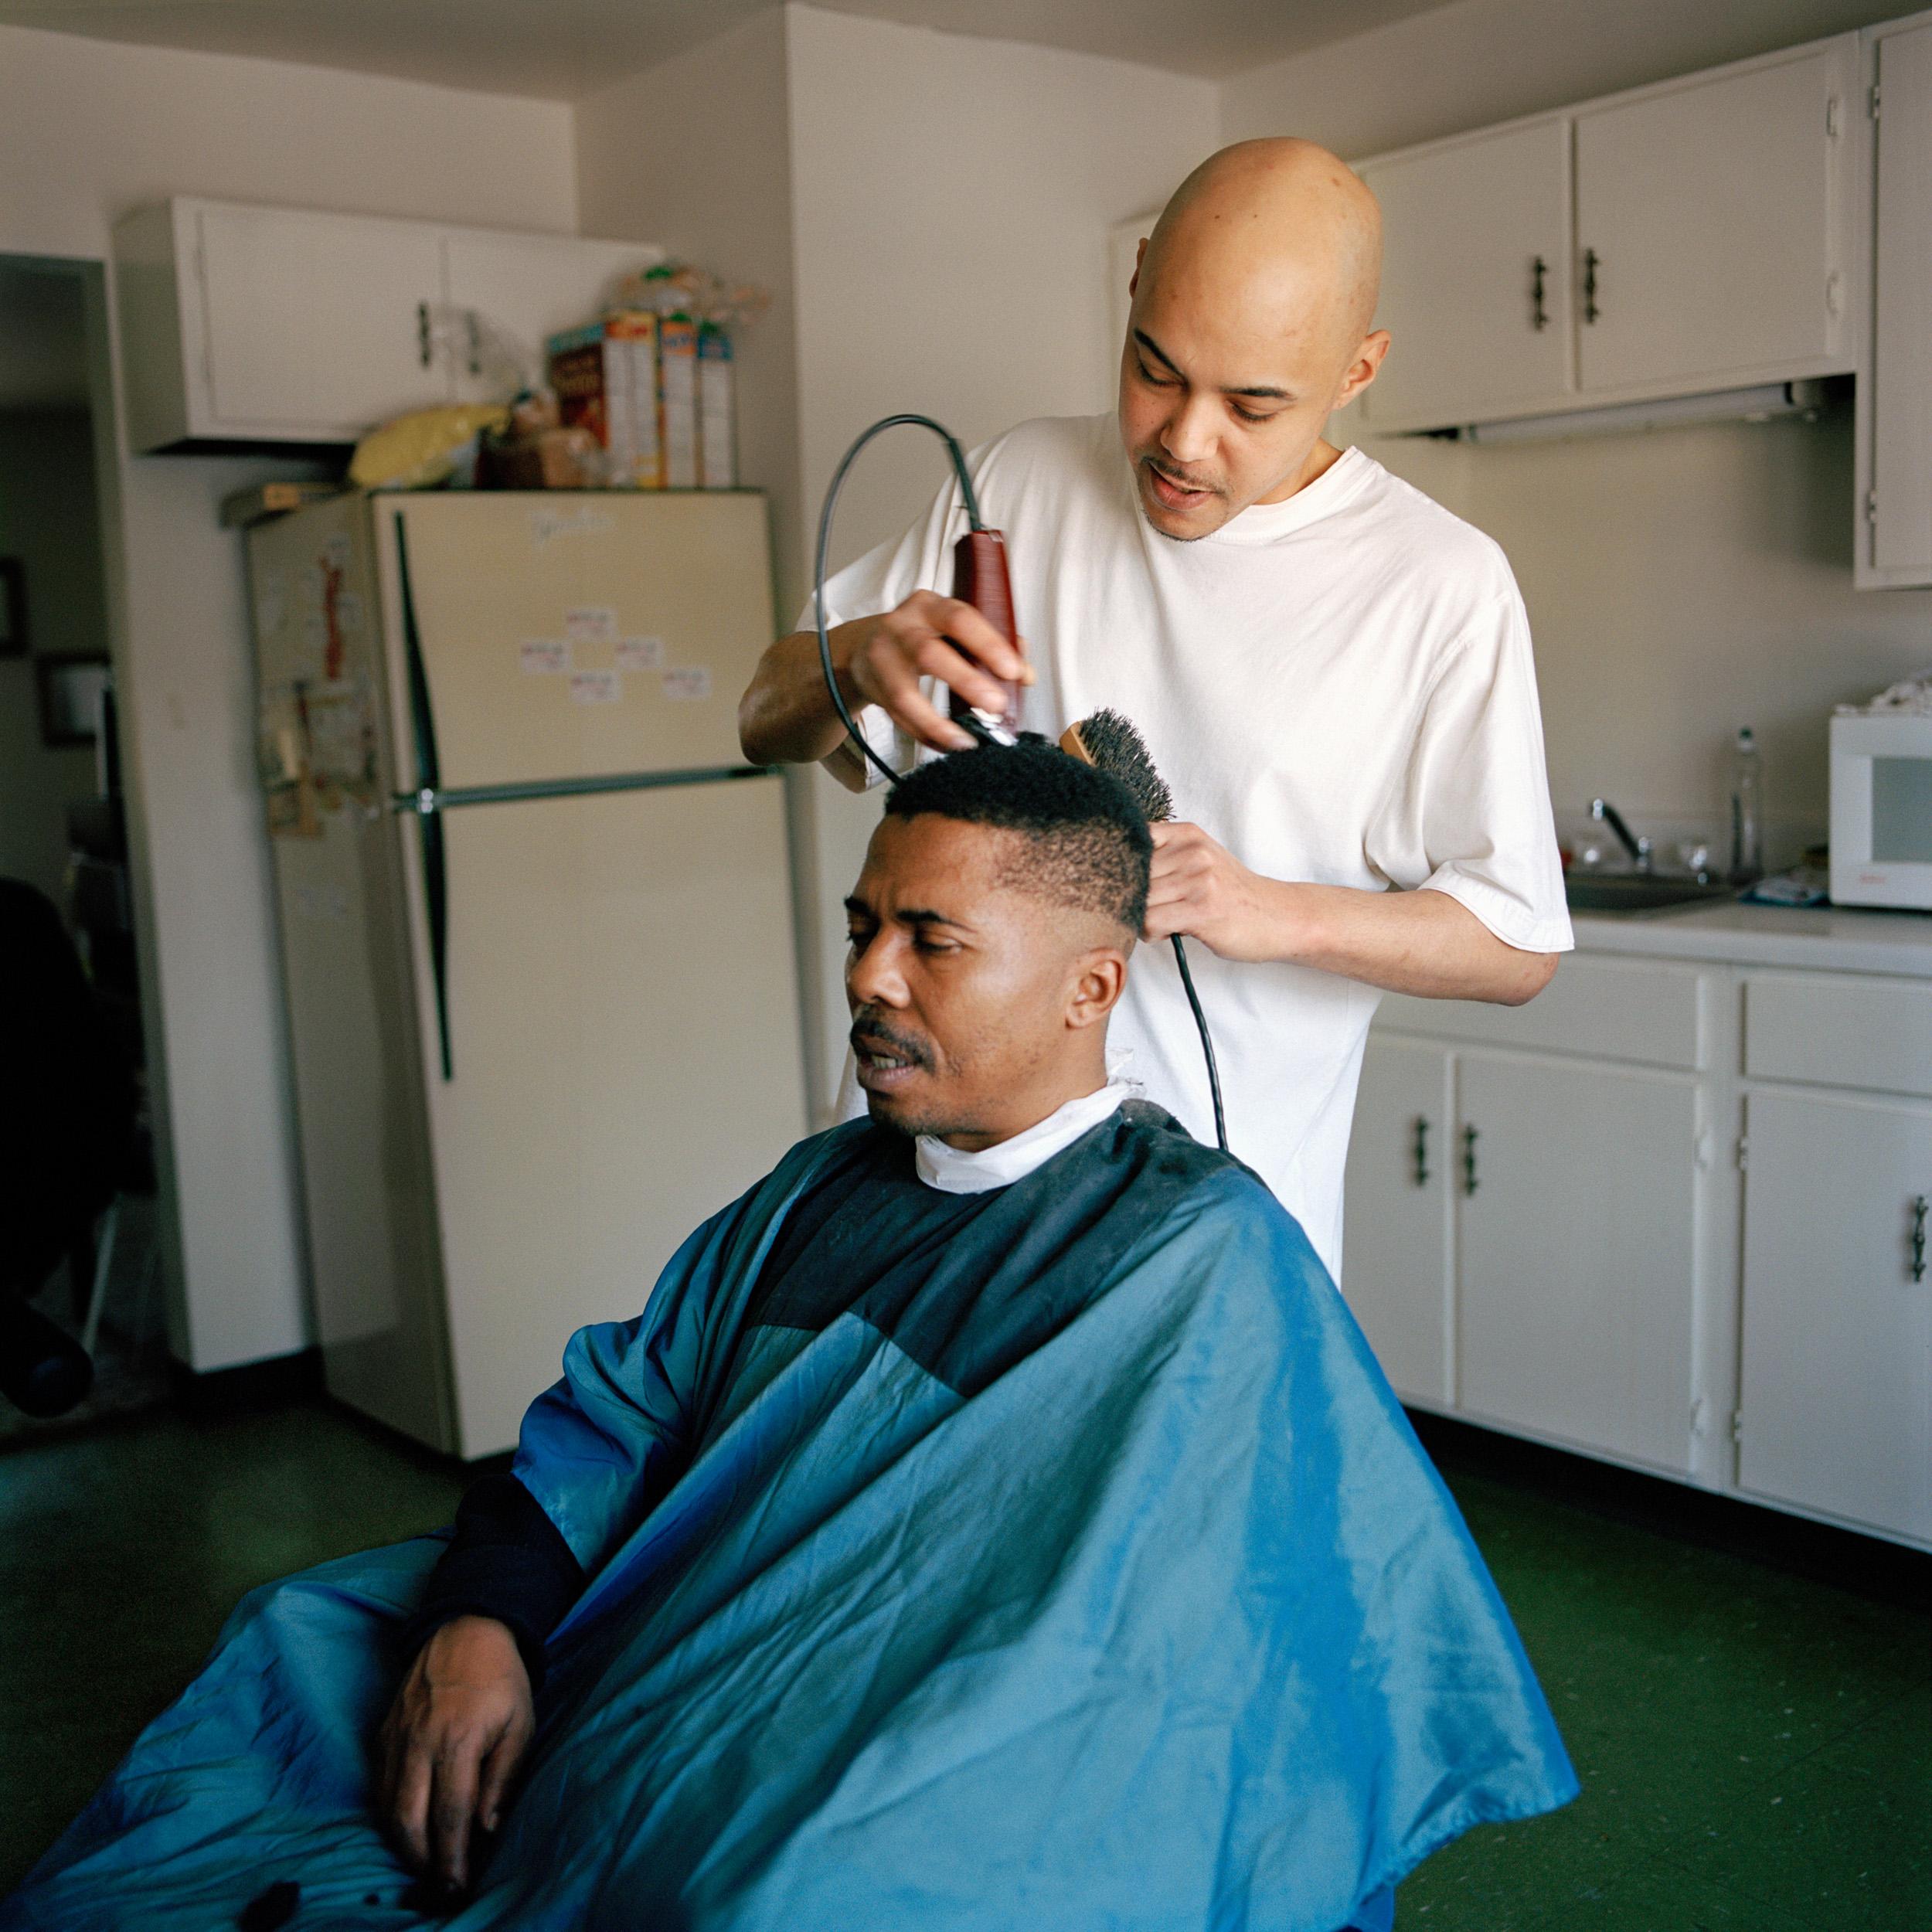 Kitchen Haircut, Amsterdam, NY, 2011